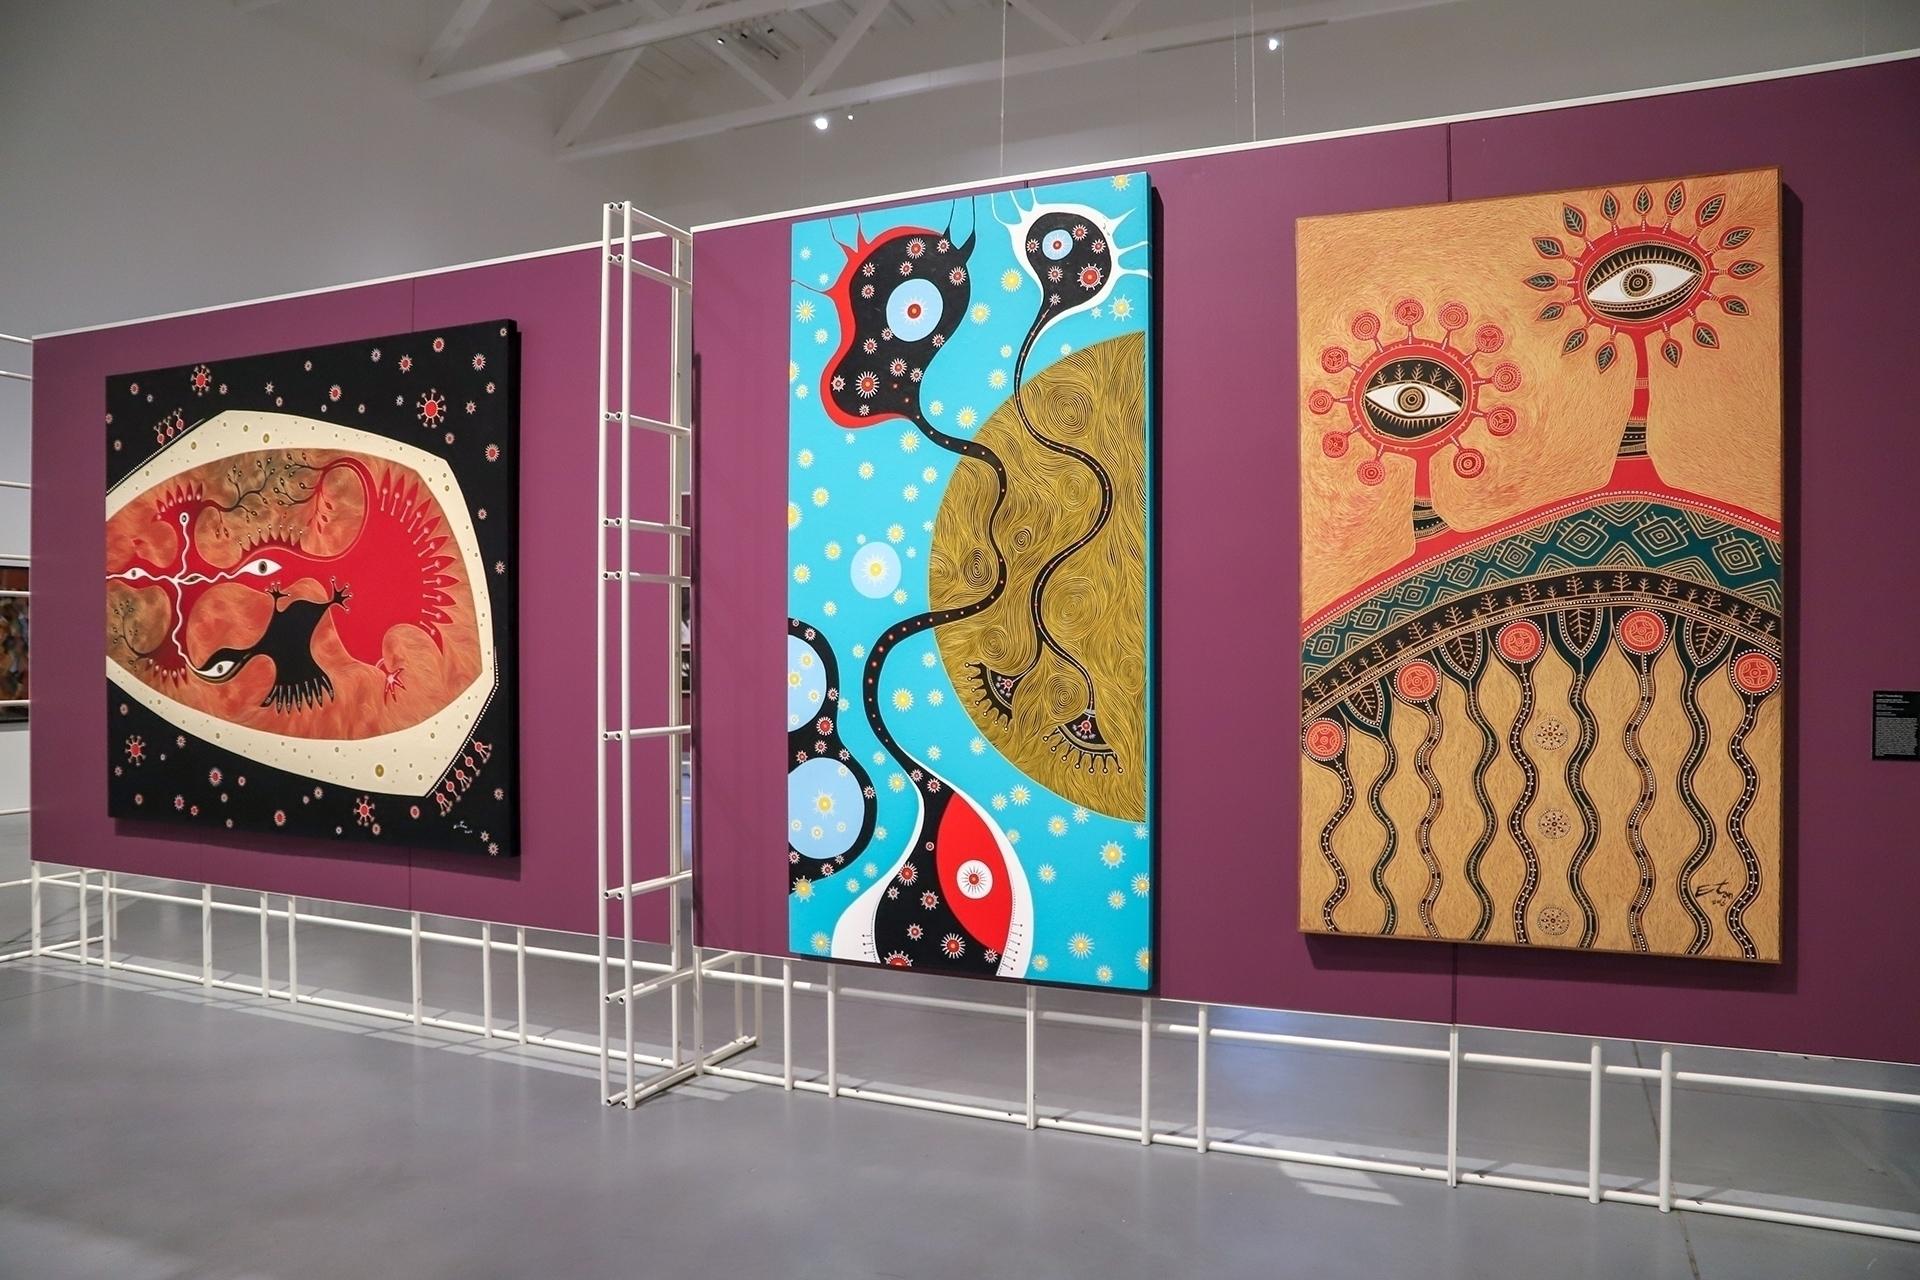 Zdjęcie przedstawia przestrzeń ekspozycji muzealnej z trzema kolorowymi obrazami na pierwszym planie.